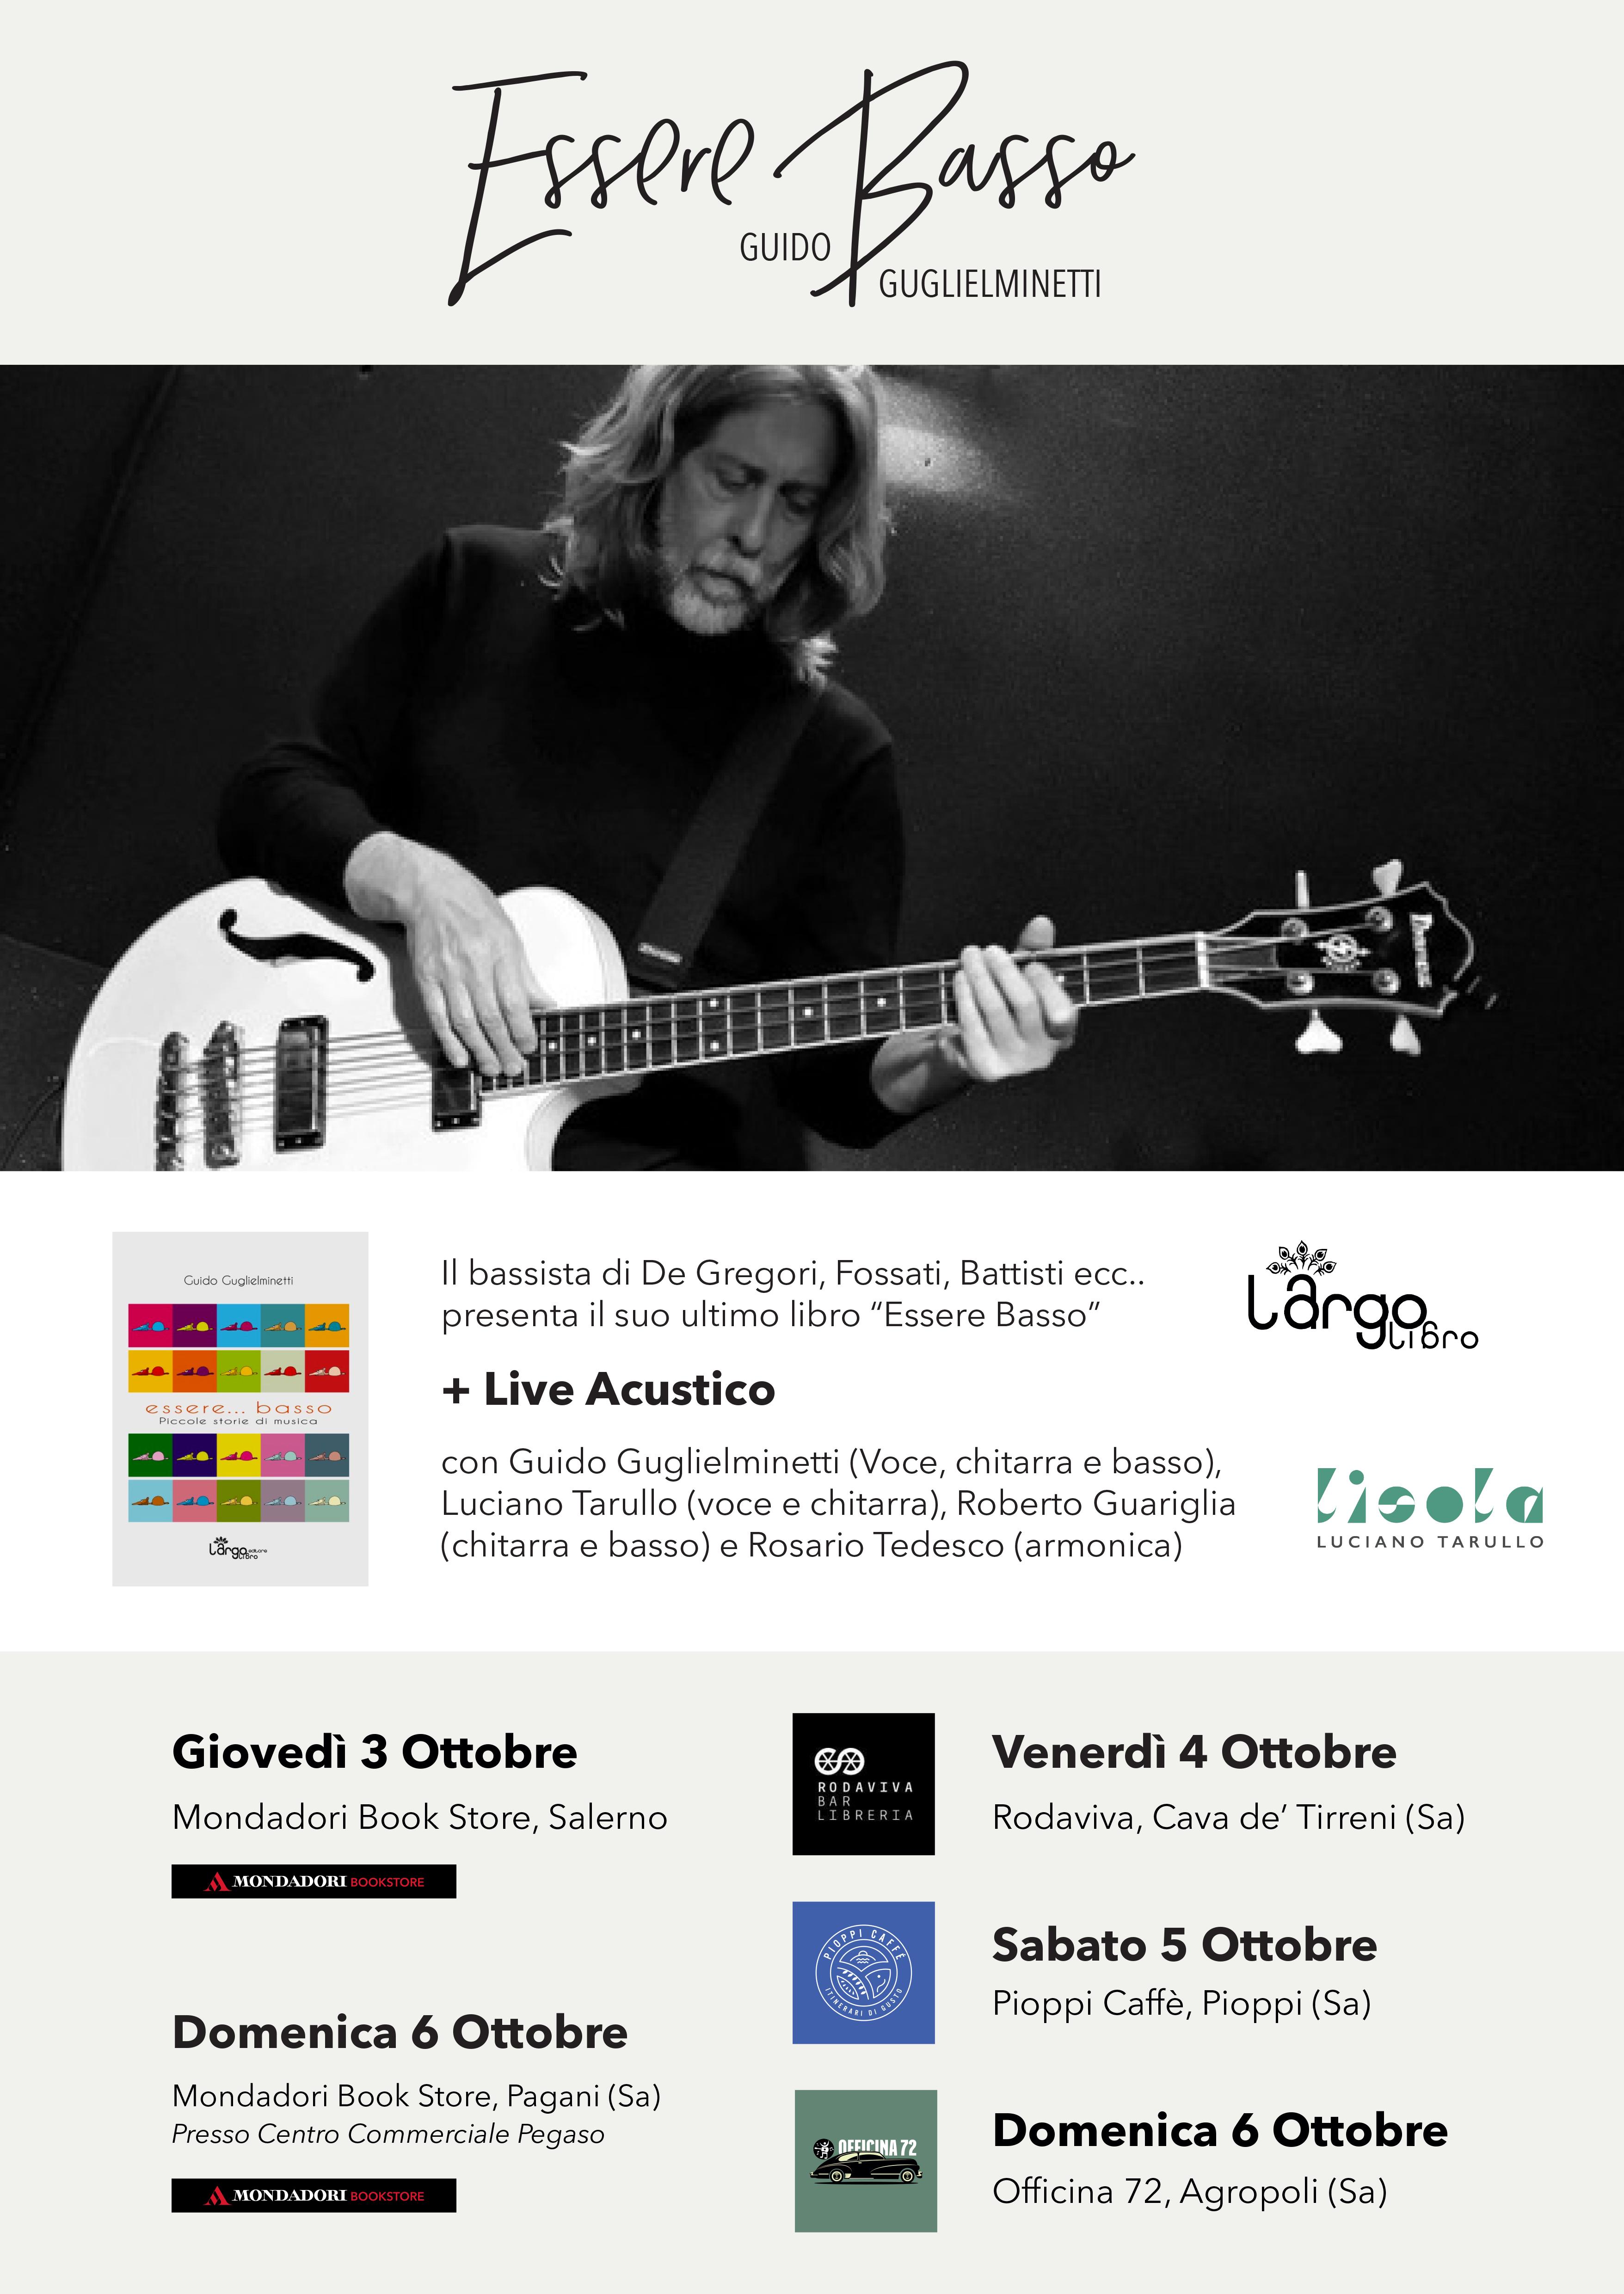 Locandina Guglielminetti - Guido Guglielminetti storico bassista e produttore di Francesco De Gregori presenta il suo libro tra Salerno e il Cilento